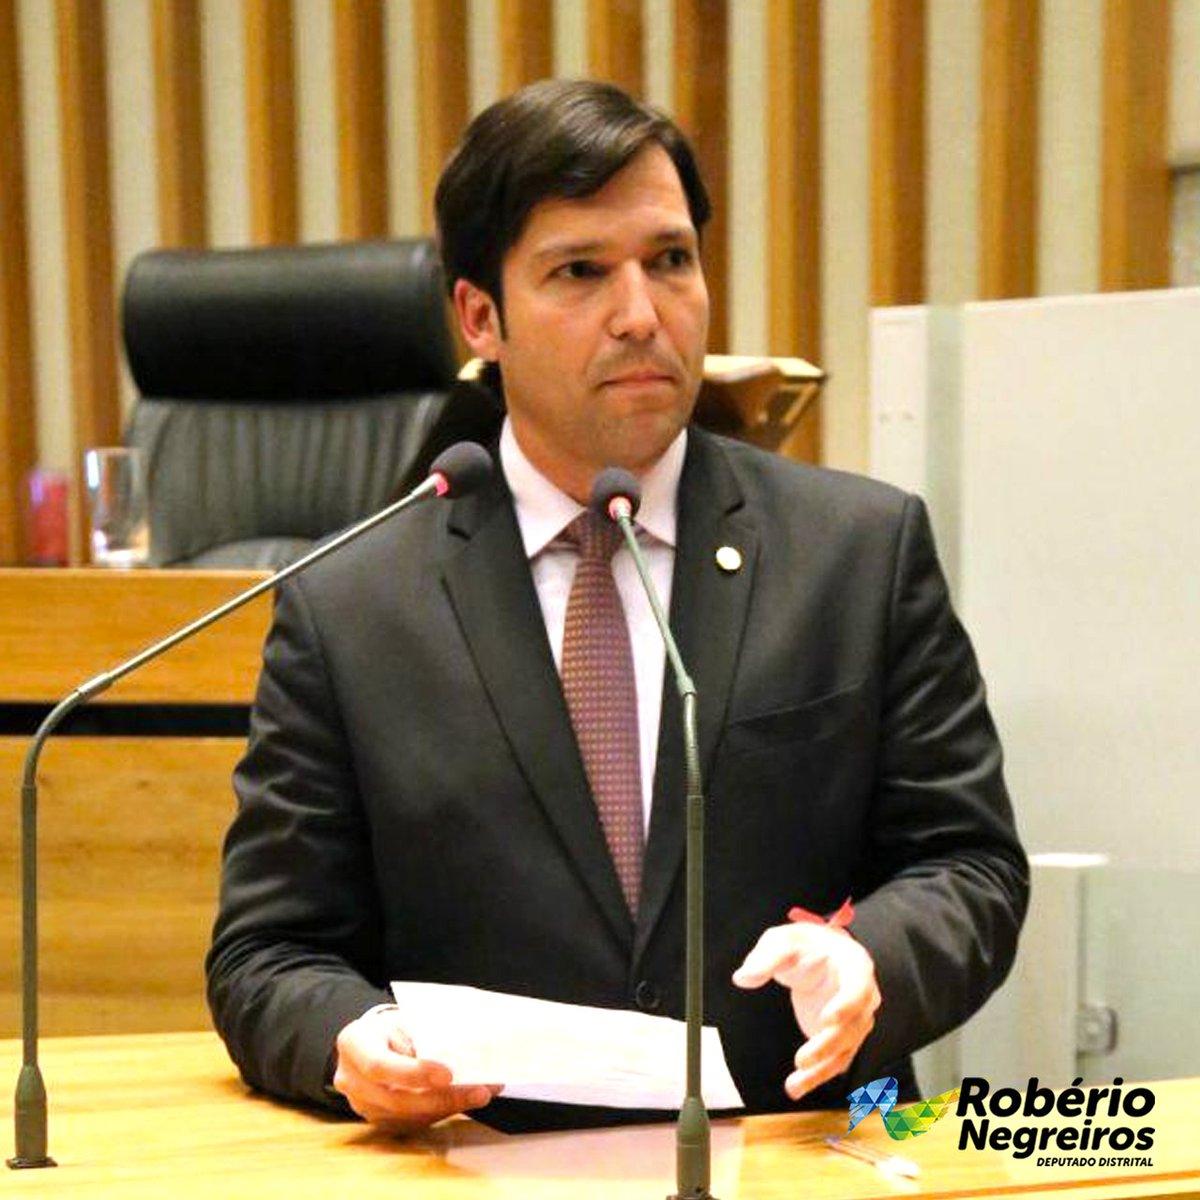 Robério Negreiros (@DeputadoRoberio) | Twitter